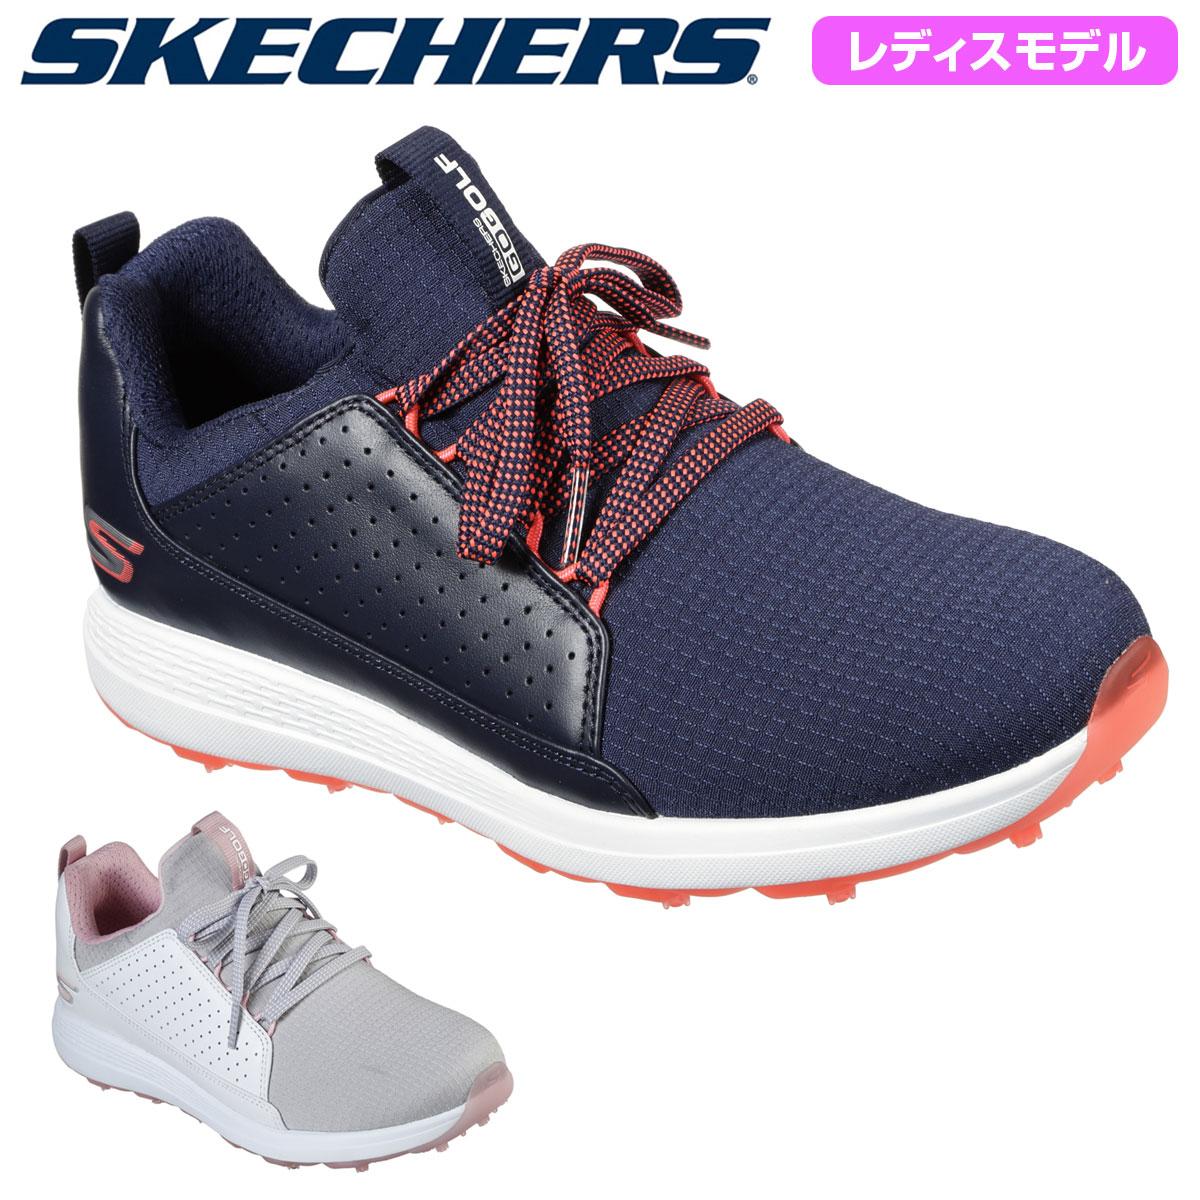 驚くほどの軽さ SKECHERS スケッチャーズ 日本正規品 トラスト GO GOLF 14887 MAX レディス MOJO 全品送料無料 2020モデル スパイクレスゴルフシューズ